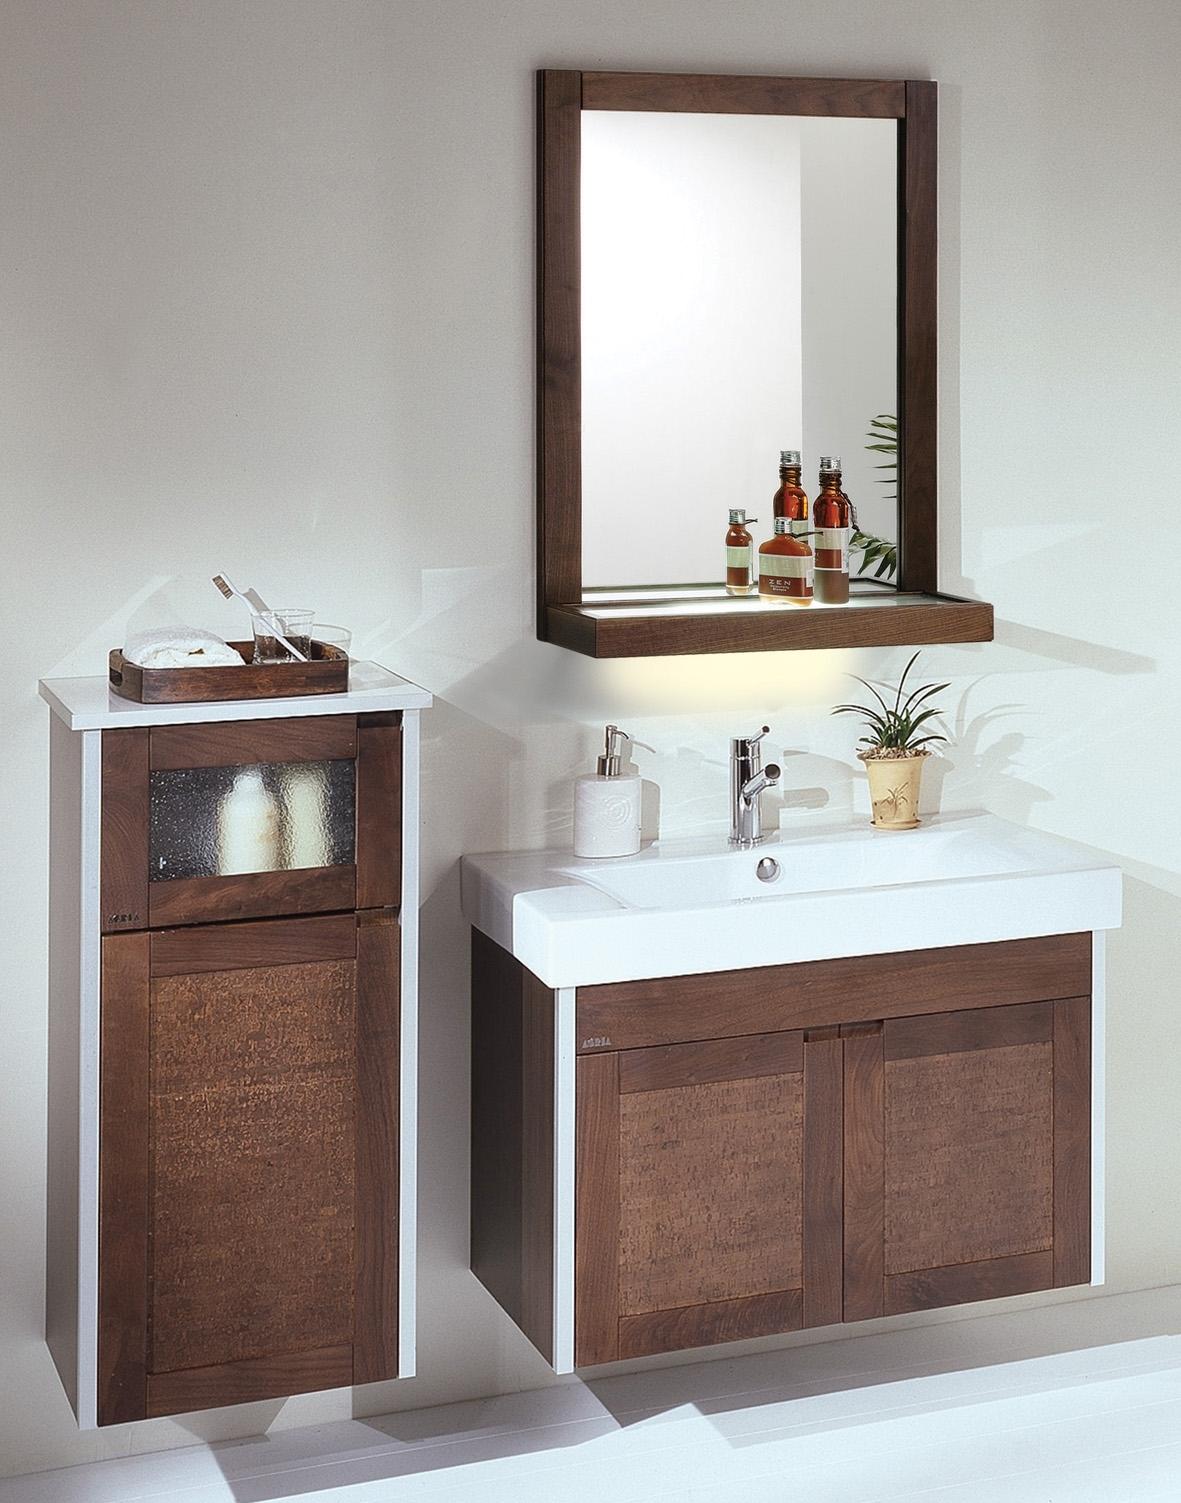 Bathroom Sink Unit With Mirror